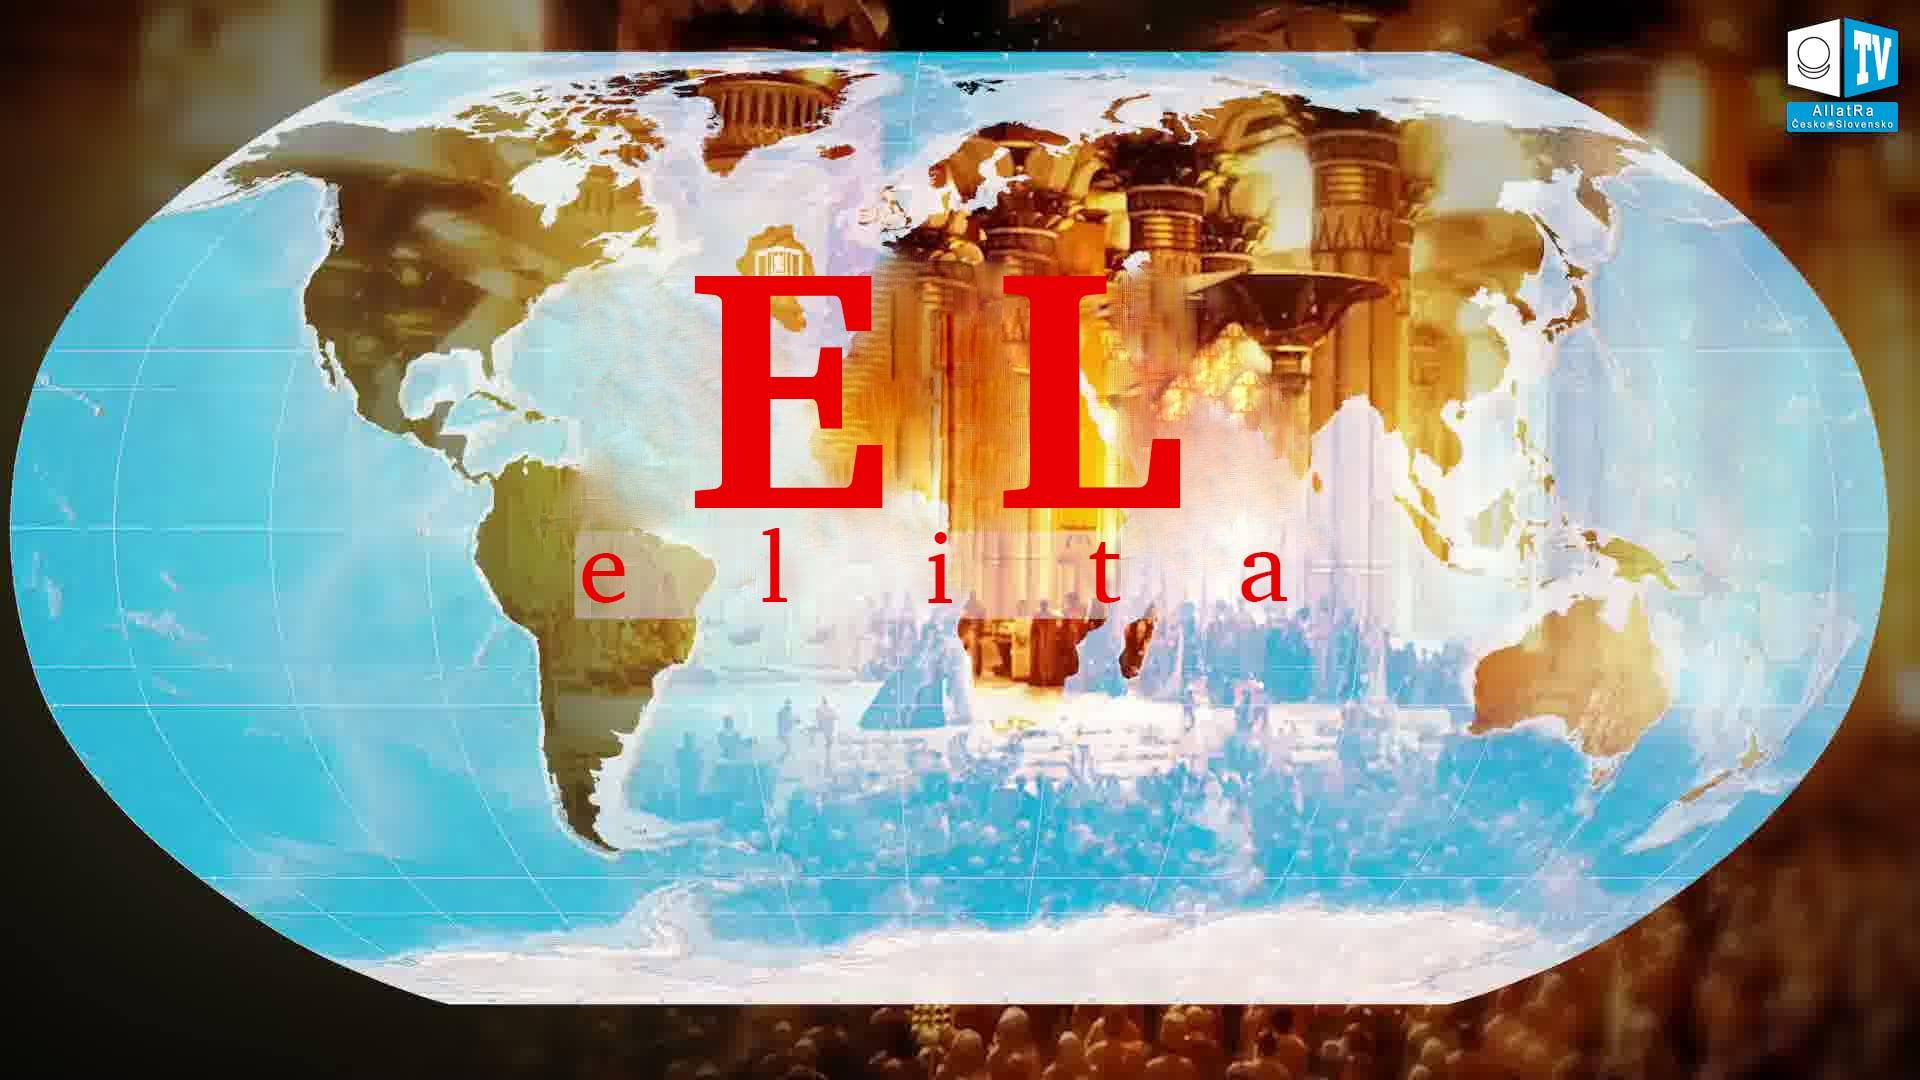 bůh El a elita. Foto